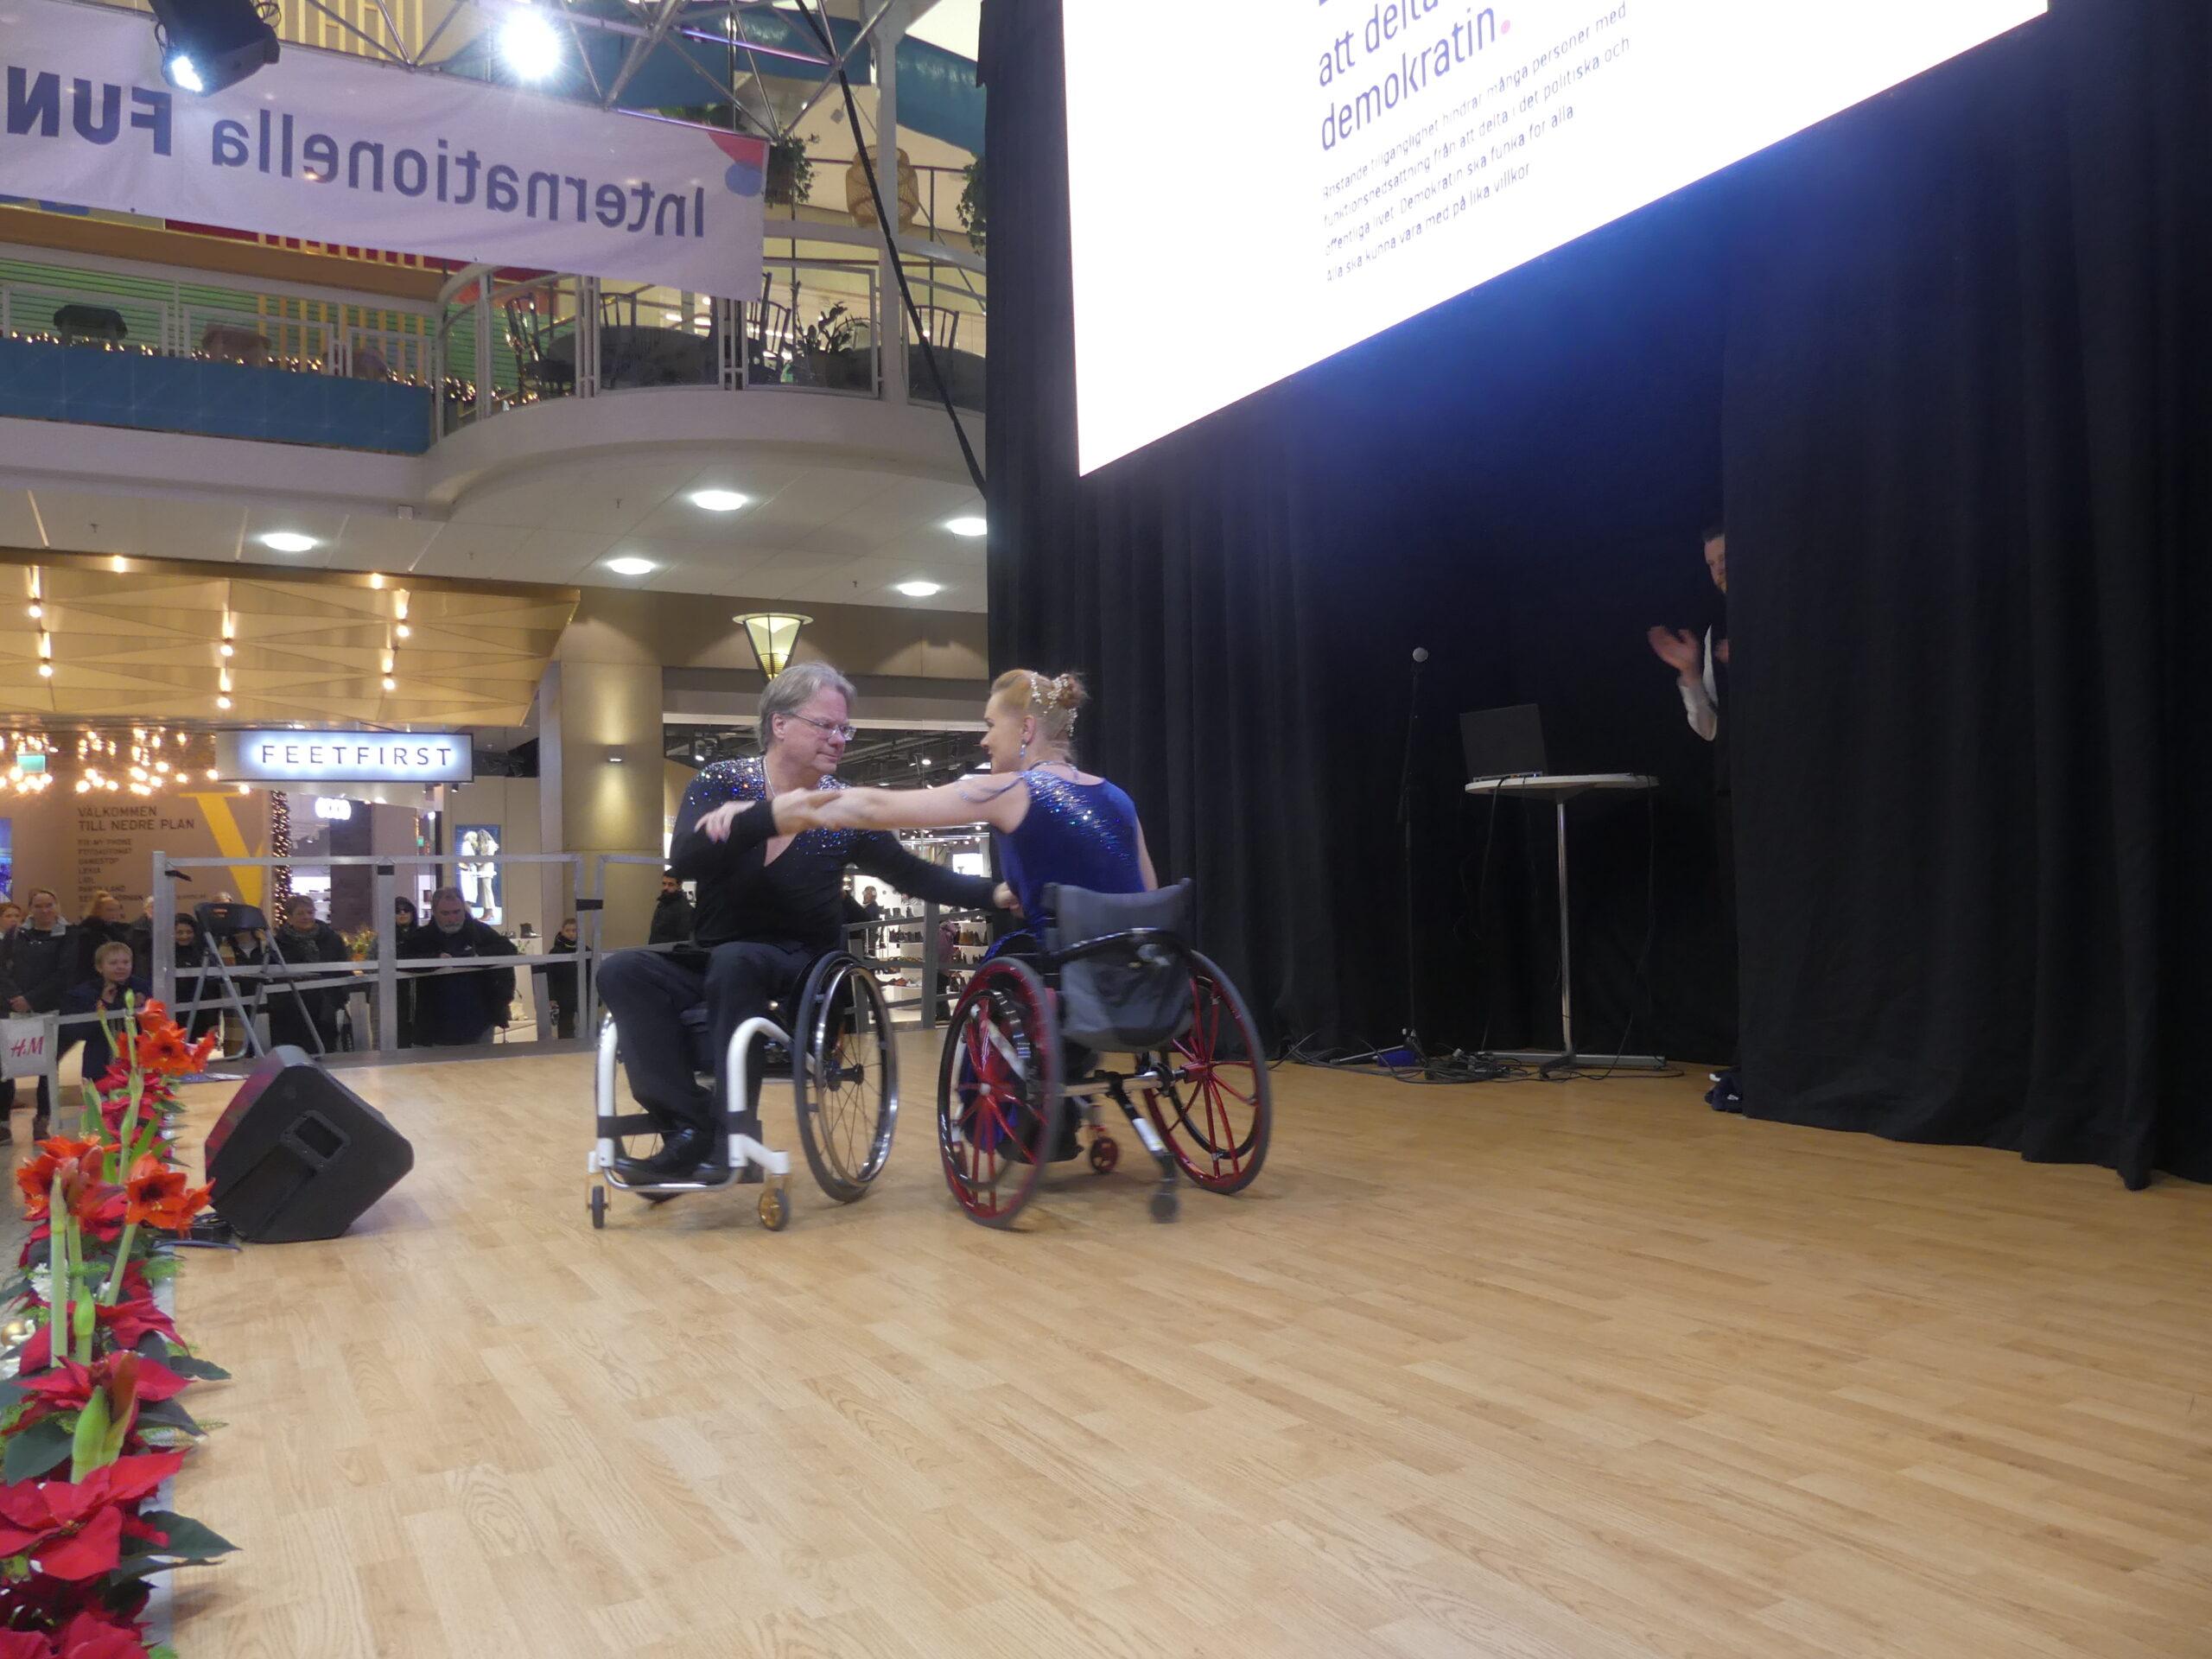 Neuroförbundet Göteborg bjöd på rullstolsdans.